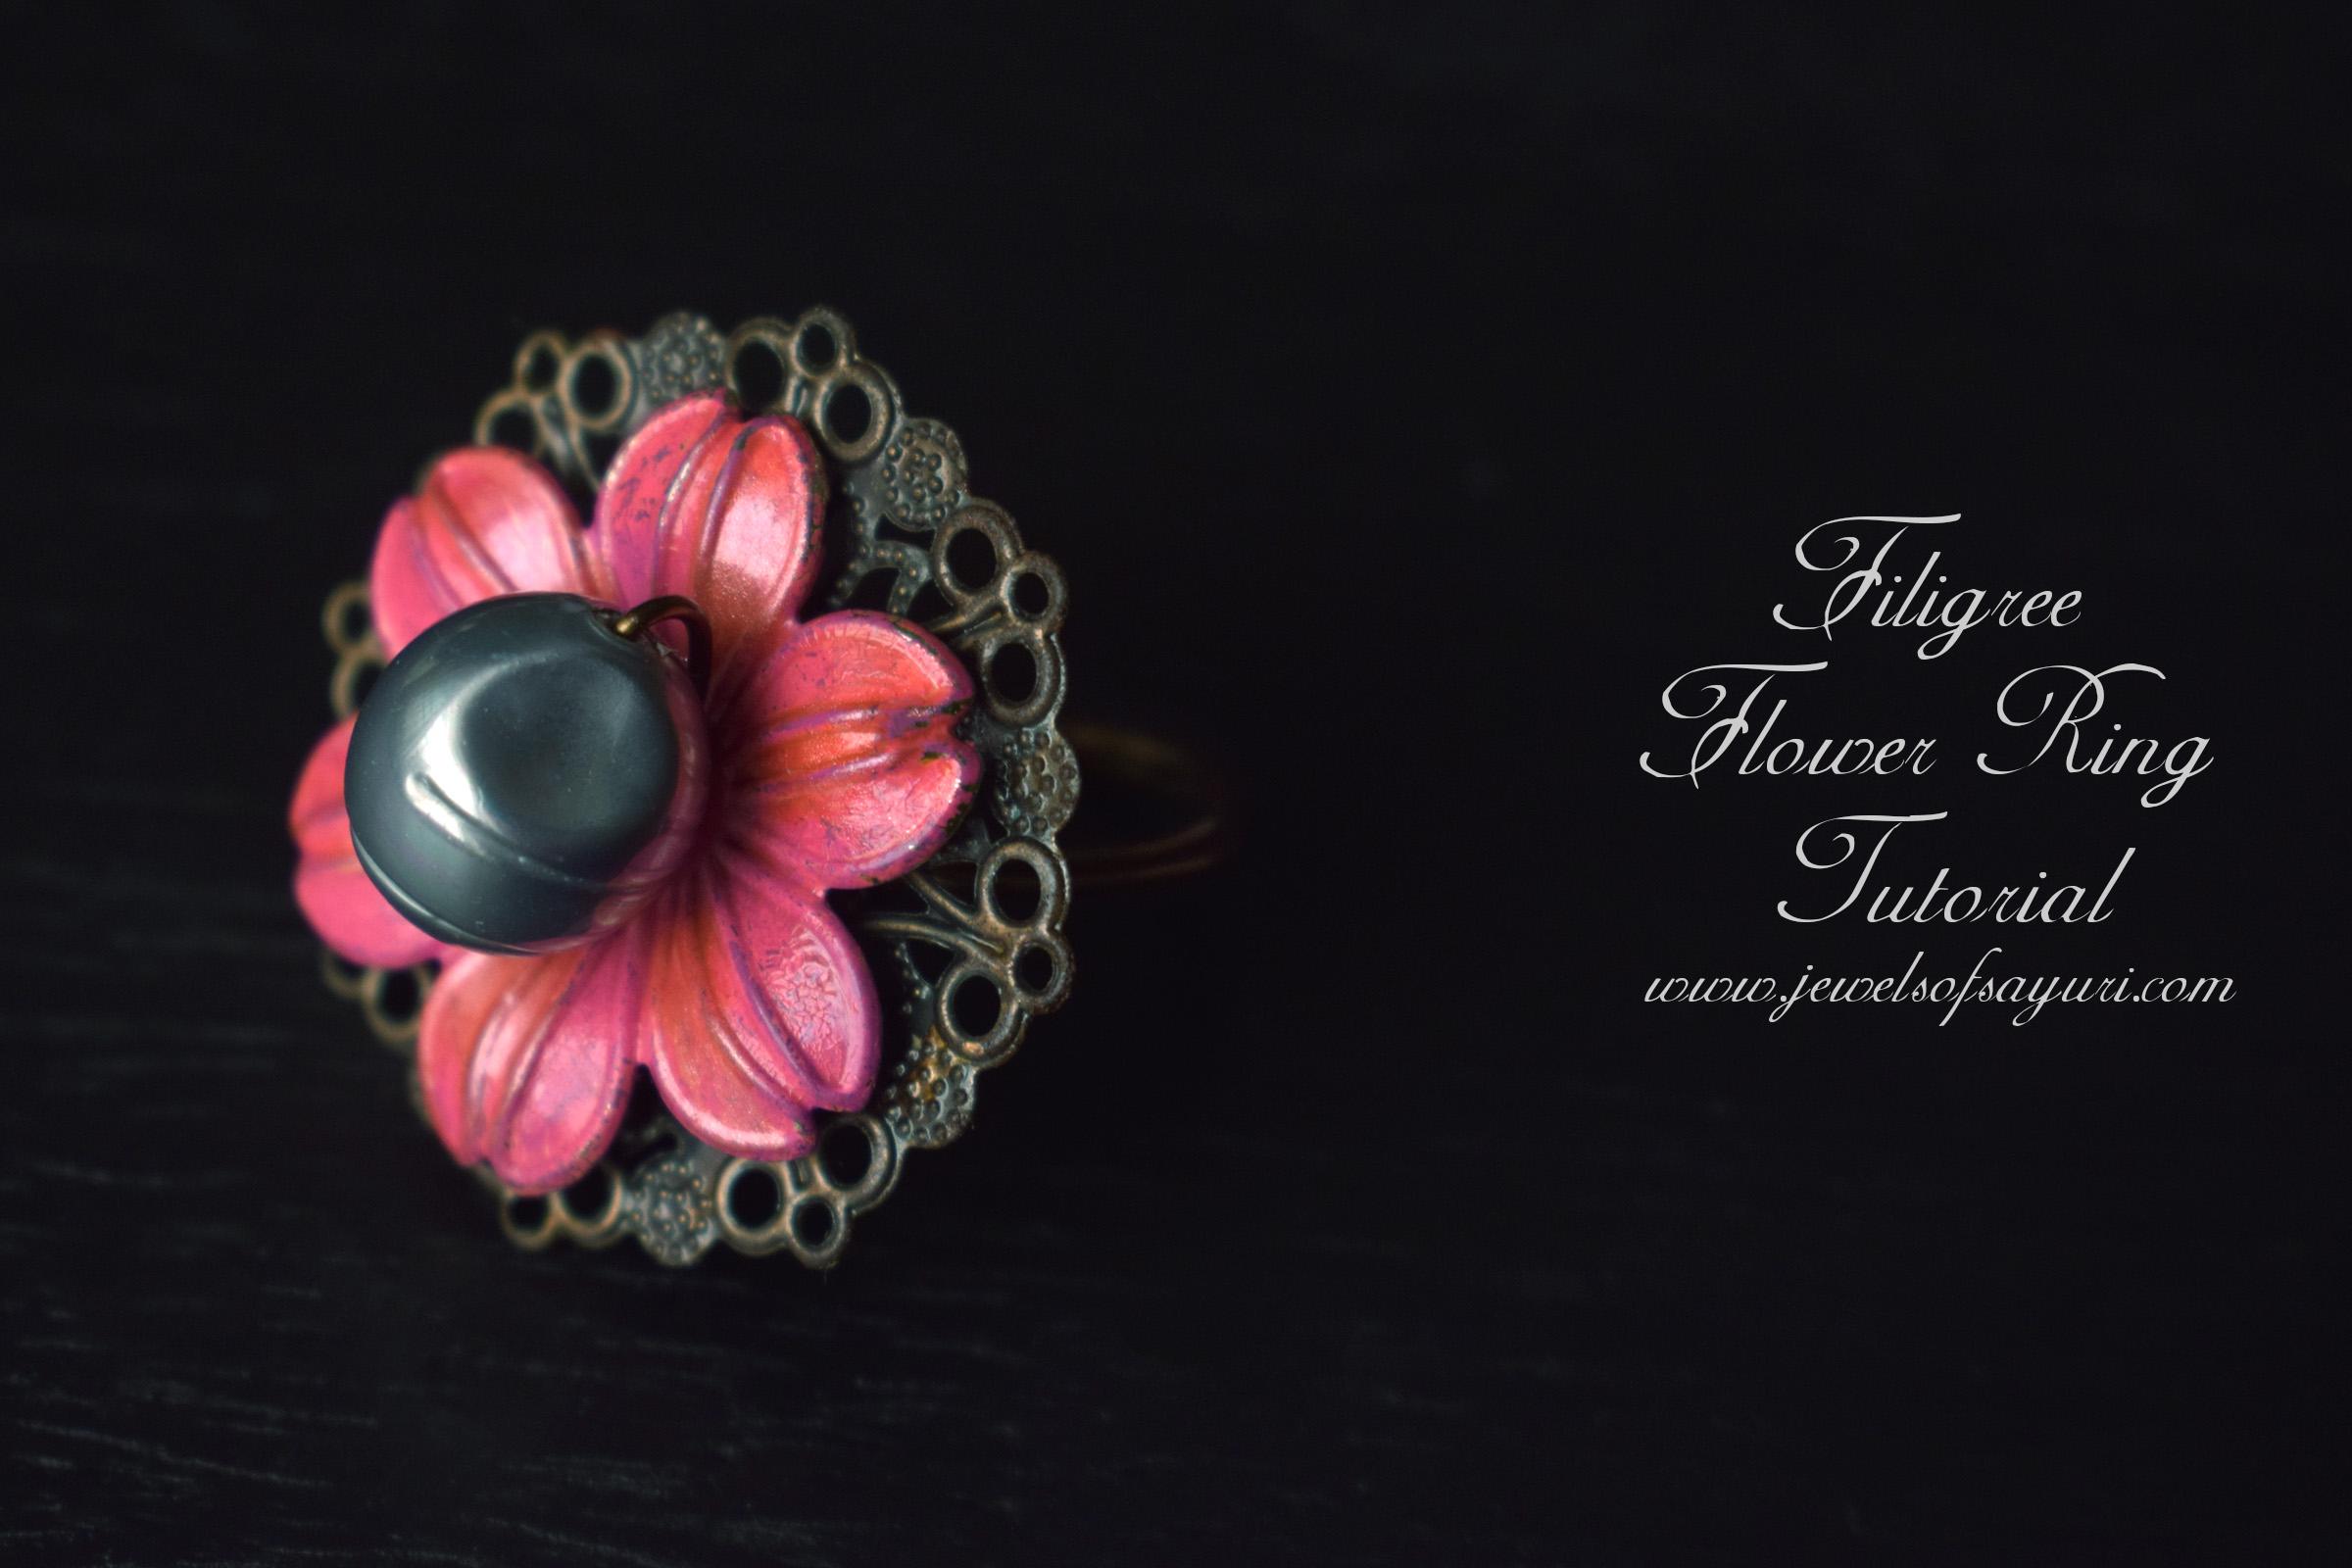 Filigree Flower Ring Tutorial